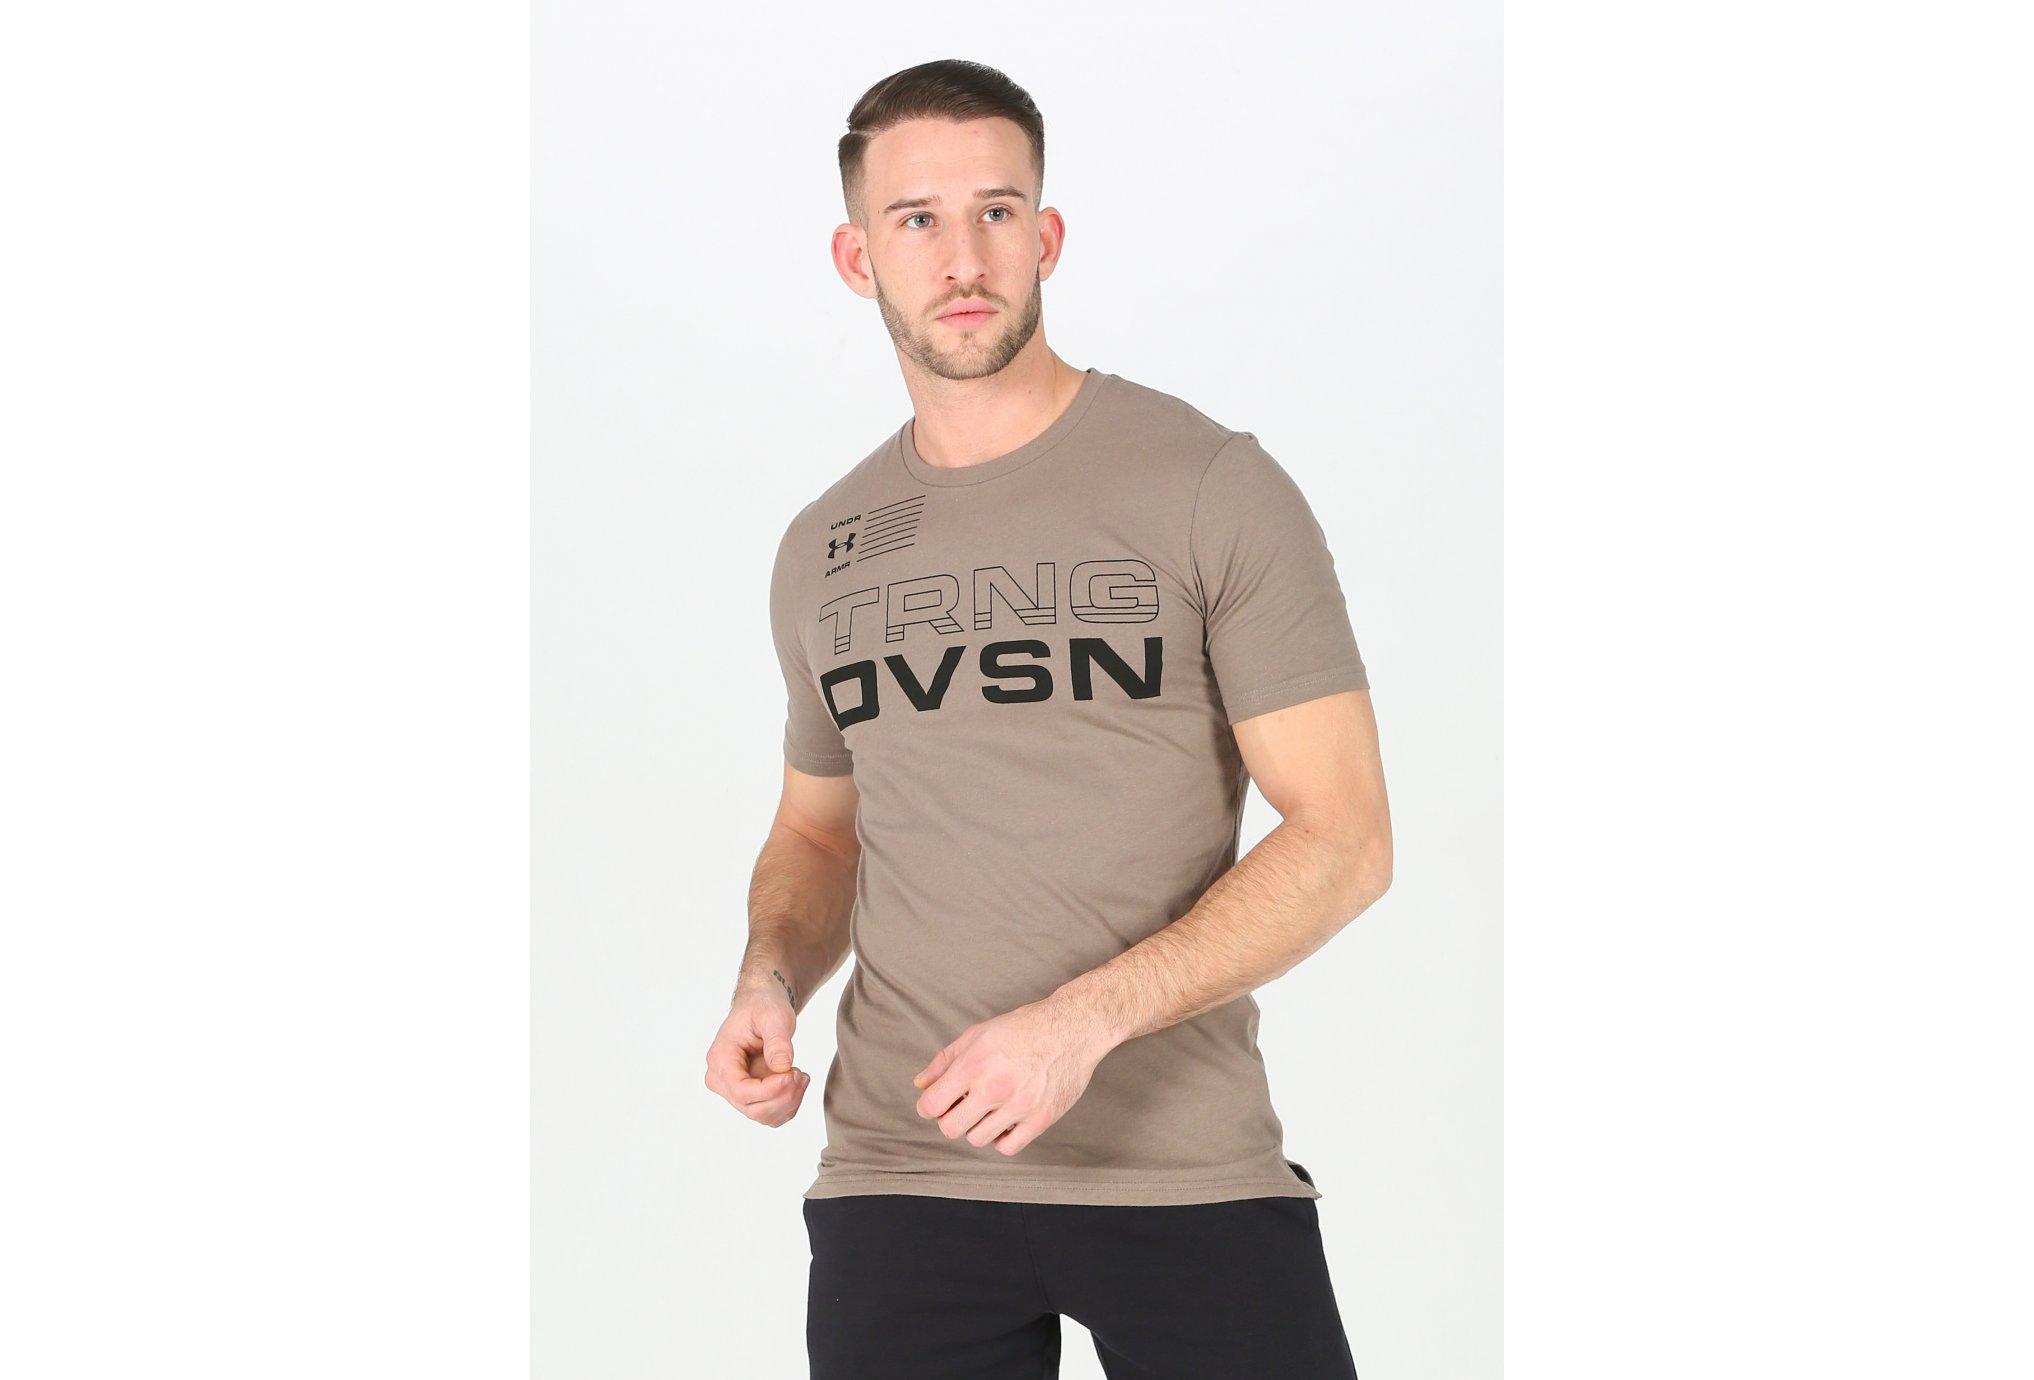 Under Armour Trng Dvsn M Diététique Vêtements homme